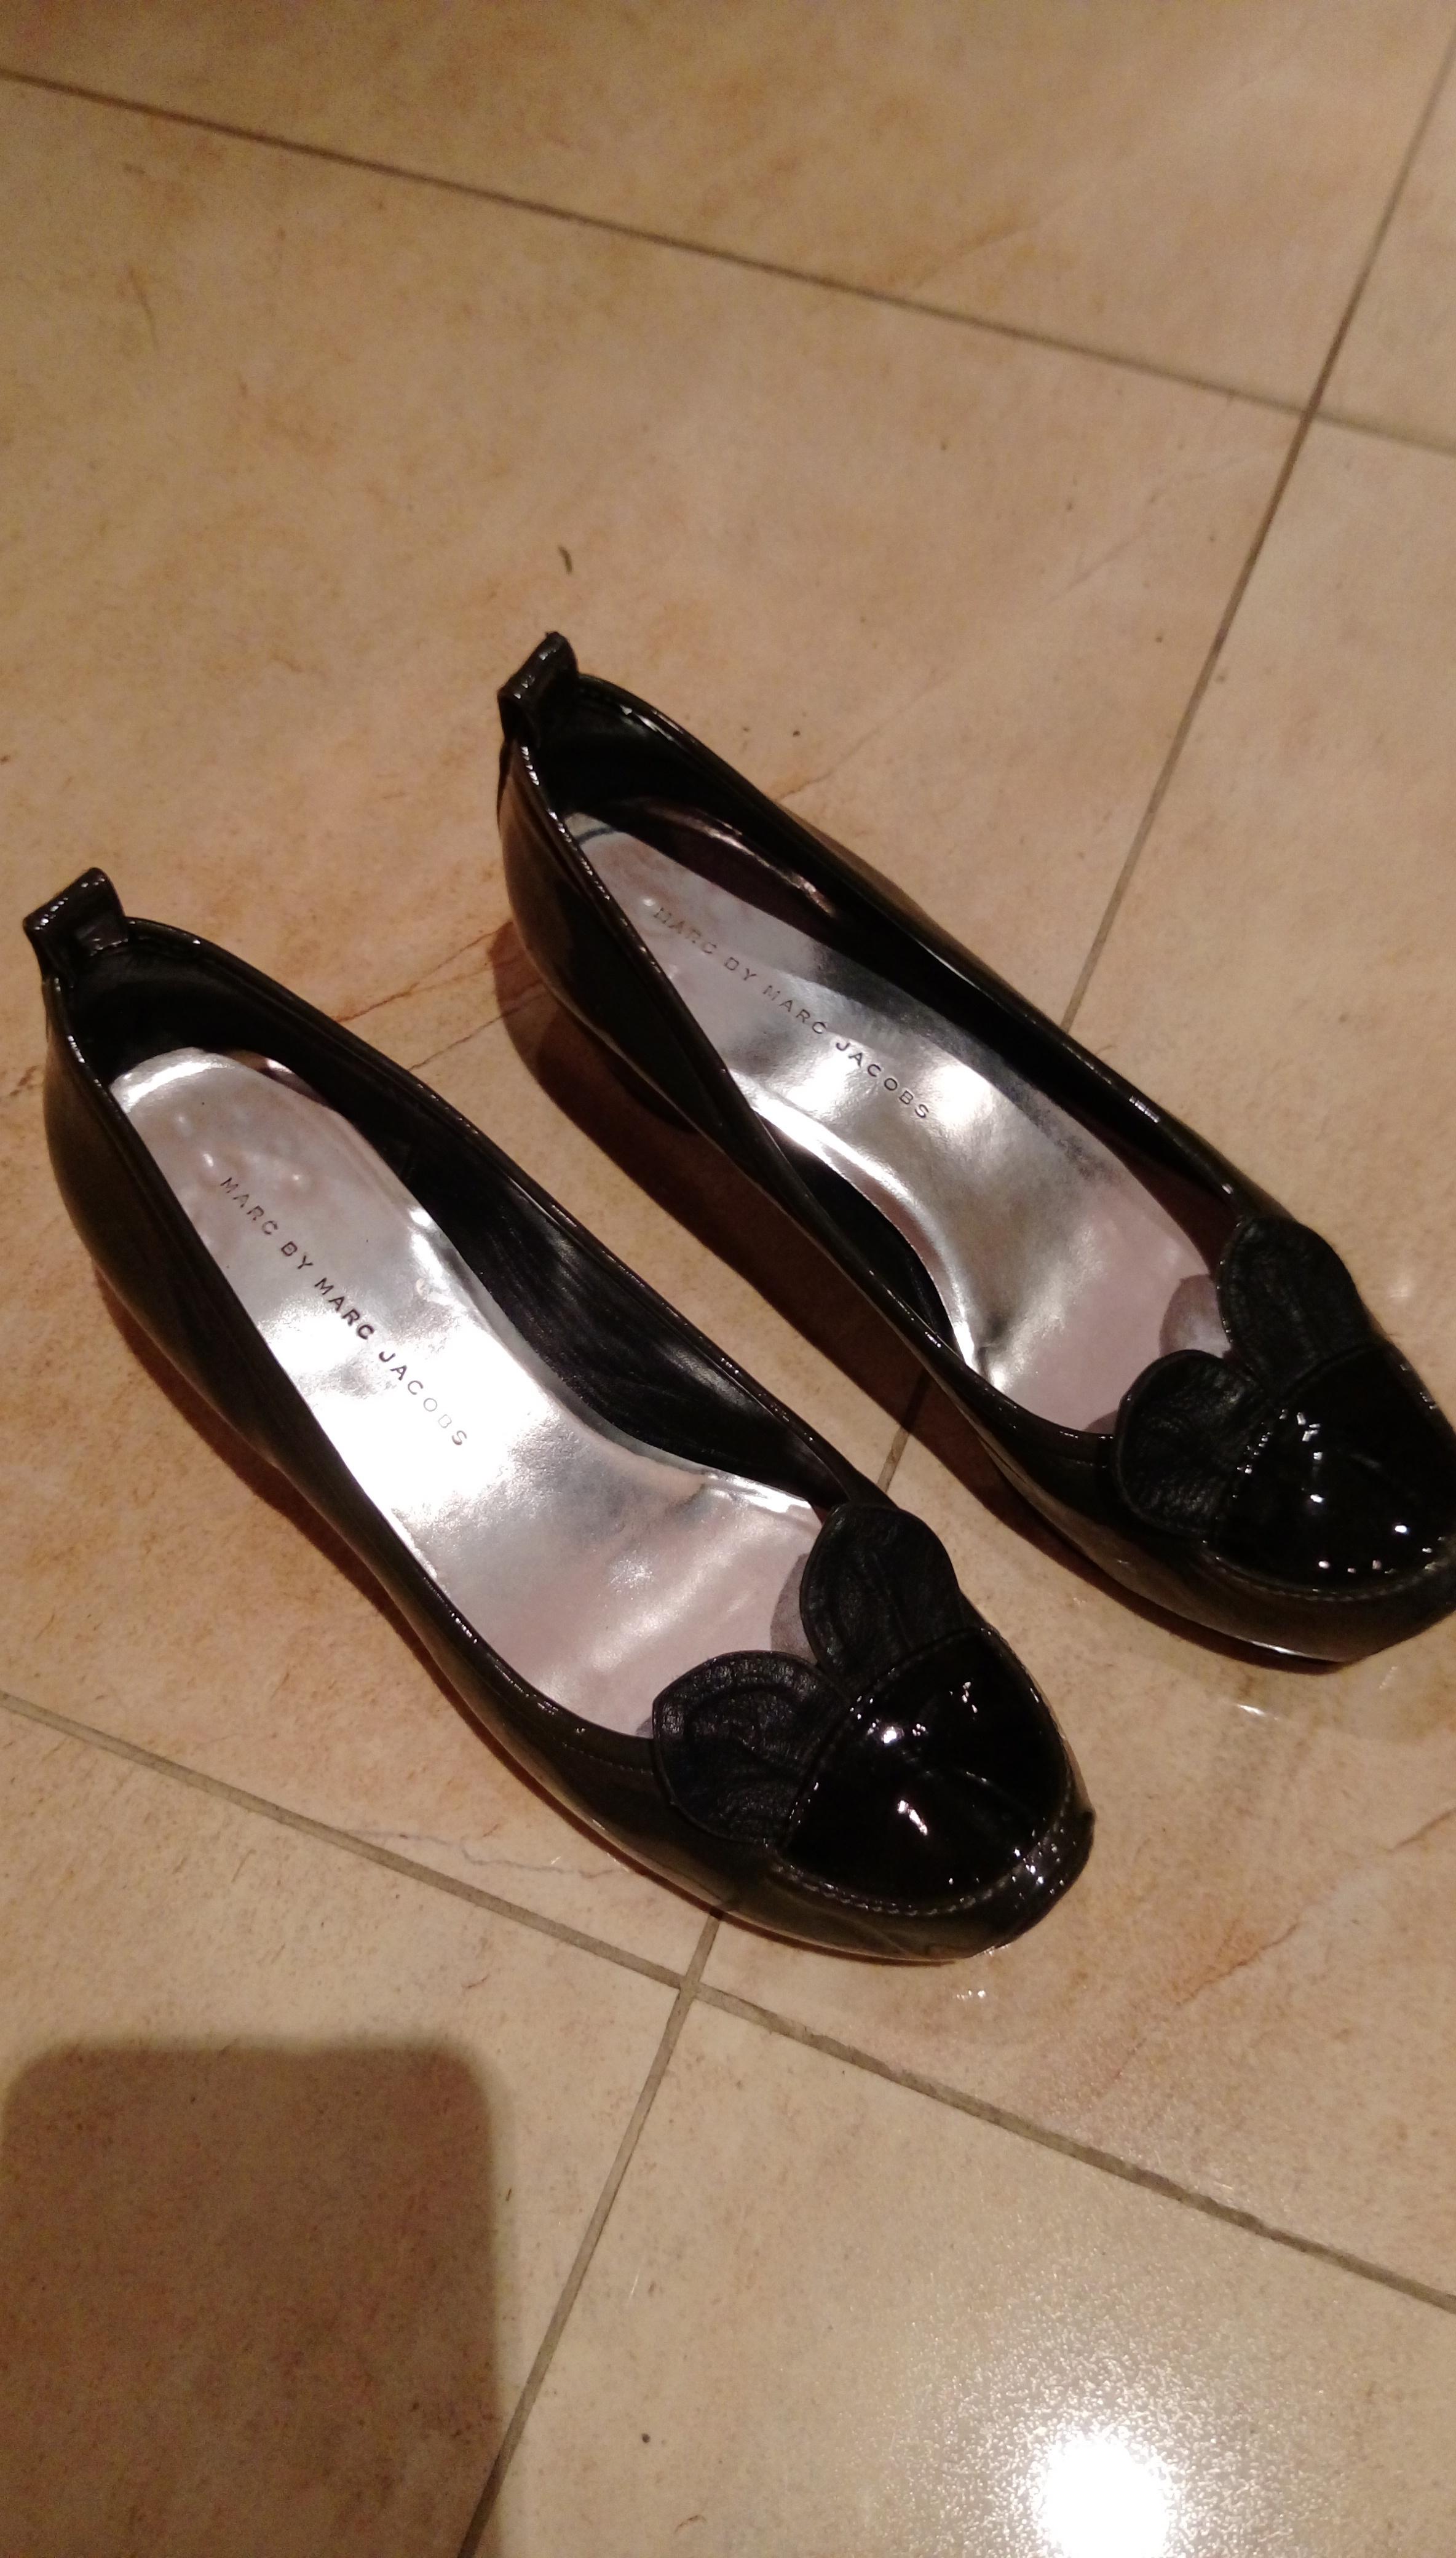 Купить туфли Marc by Marc Jacobs за 2300 руб. в интернет магазине ... 2d77bb6bca8